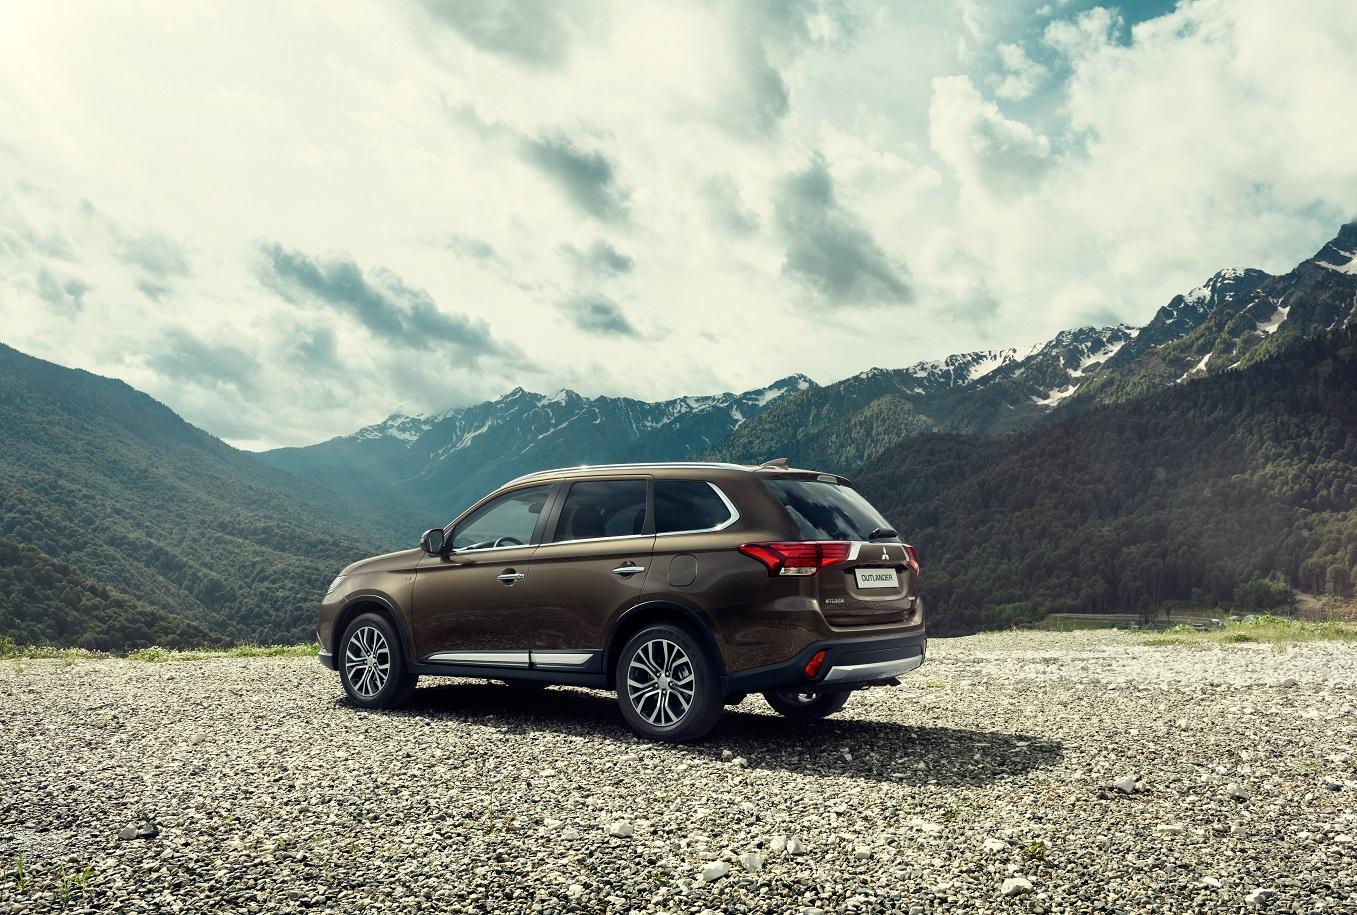 Mitsubishi Motors снижает цены на техническое обслуживание  моделей Outlander и ASX